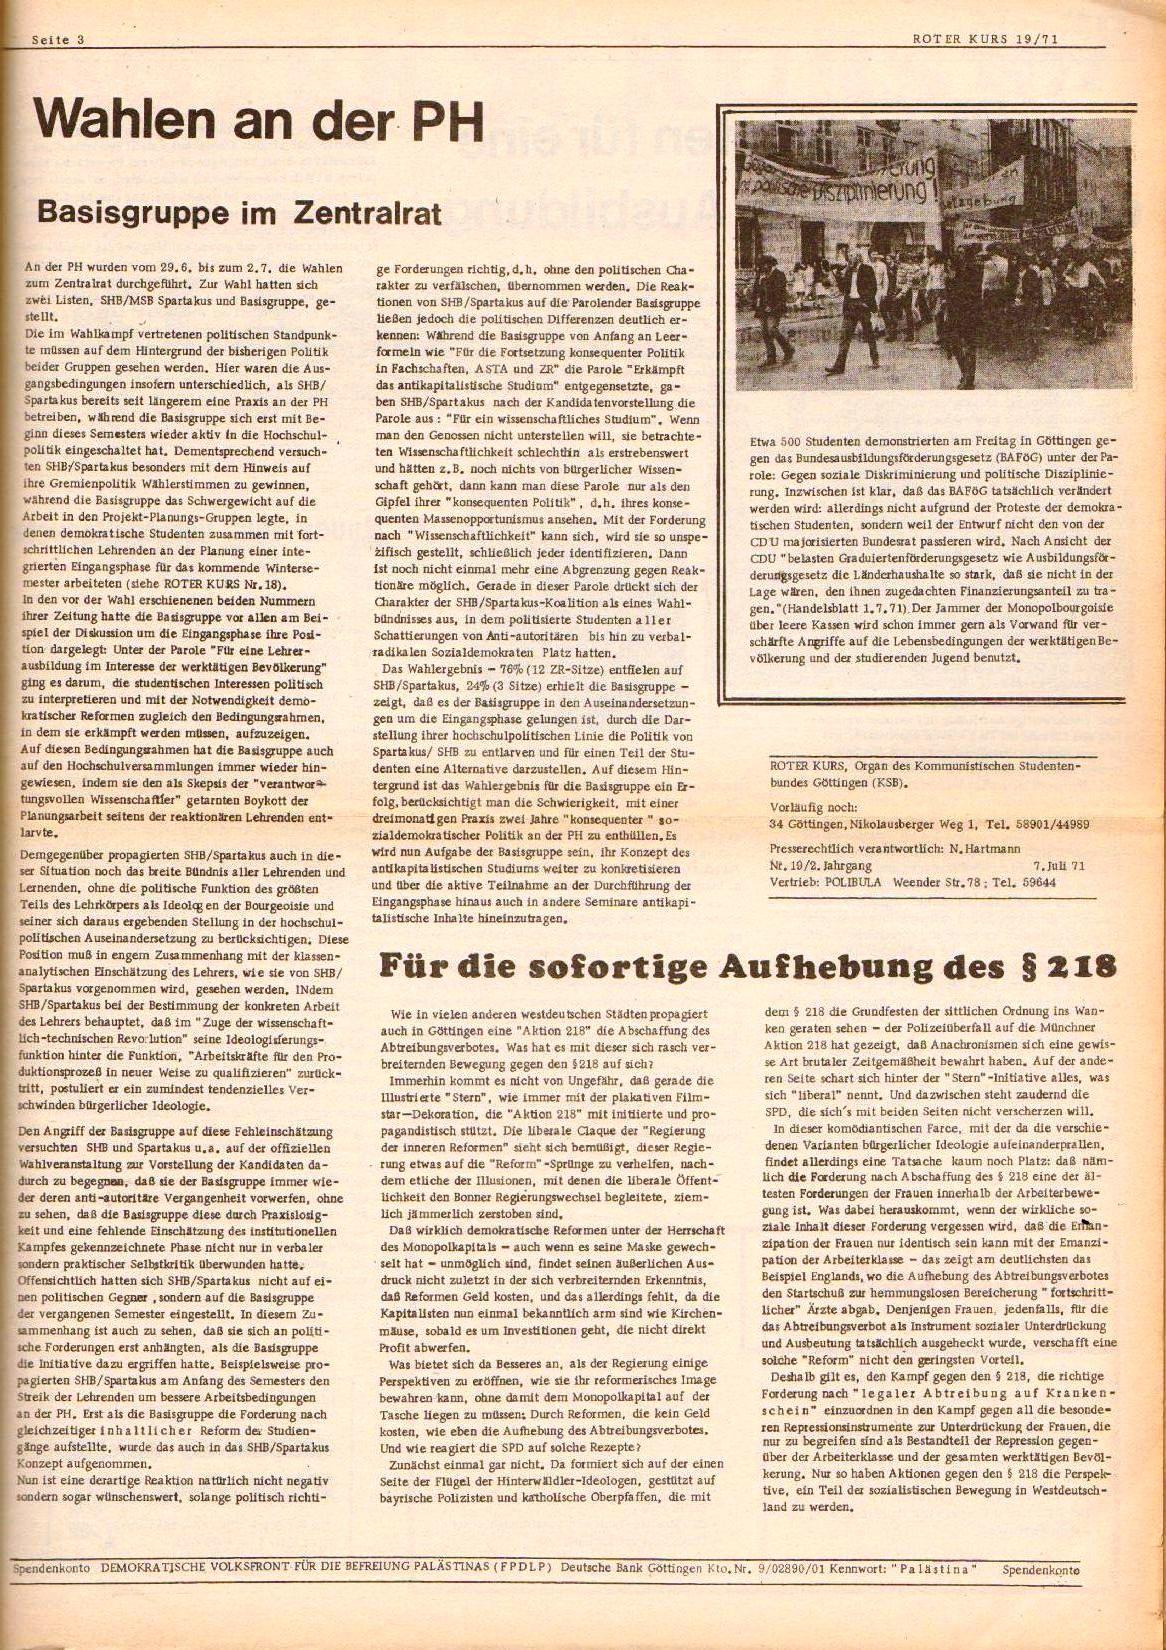 Goettingen_Roter_Kurs103